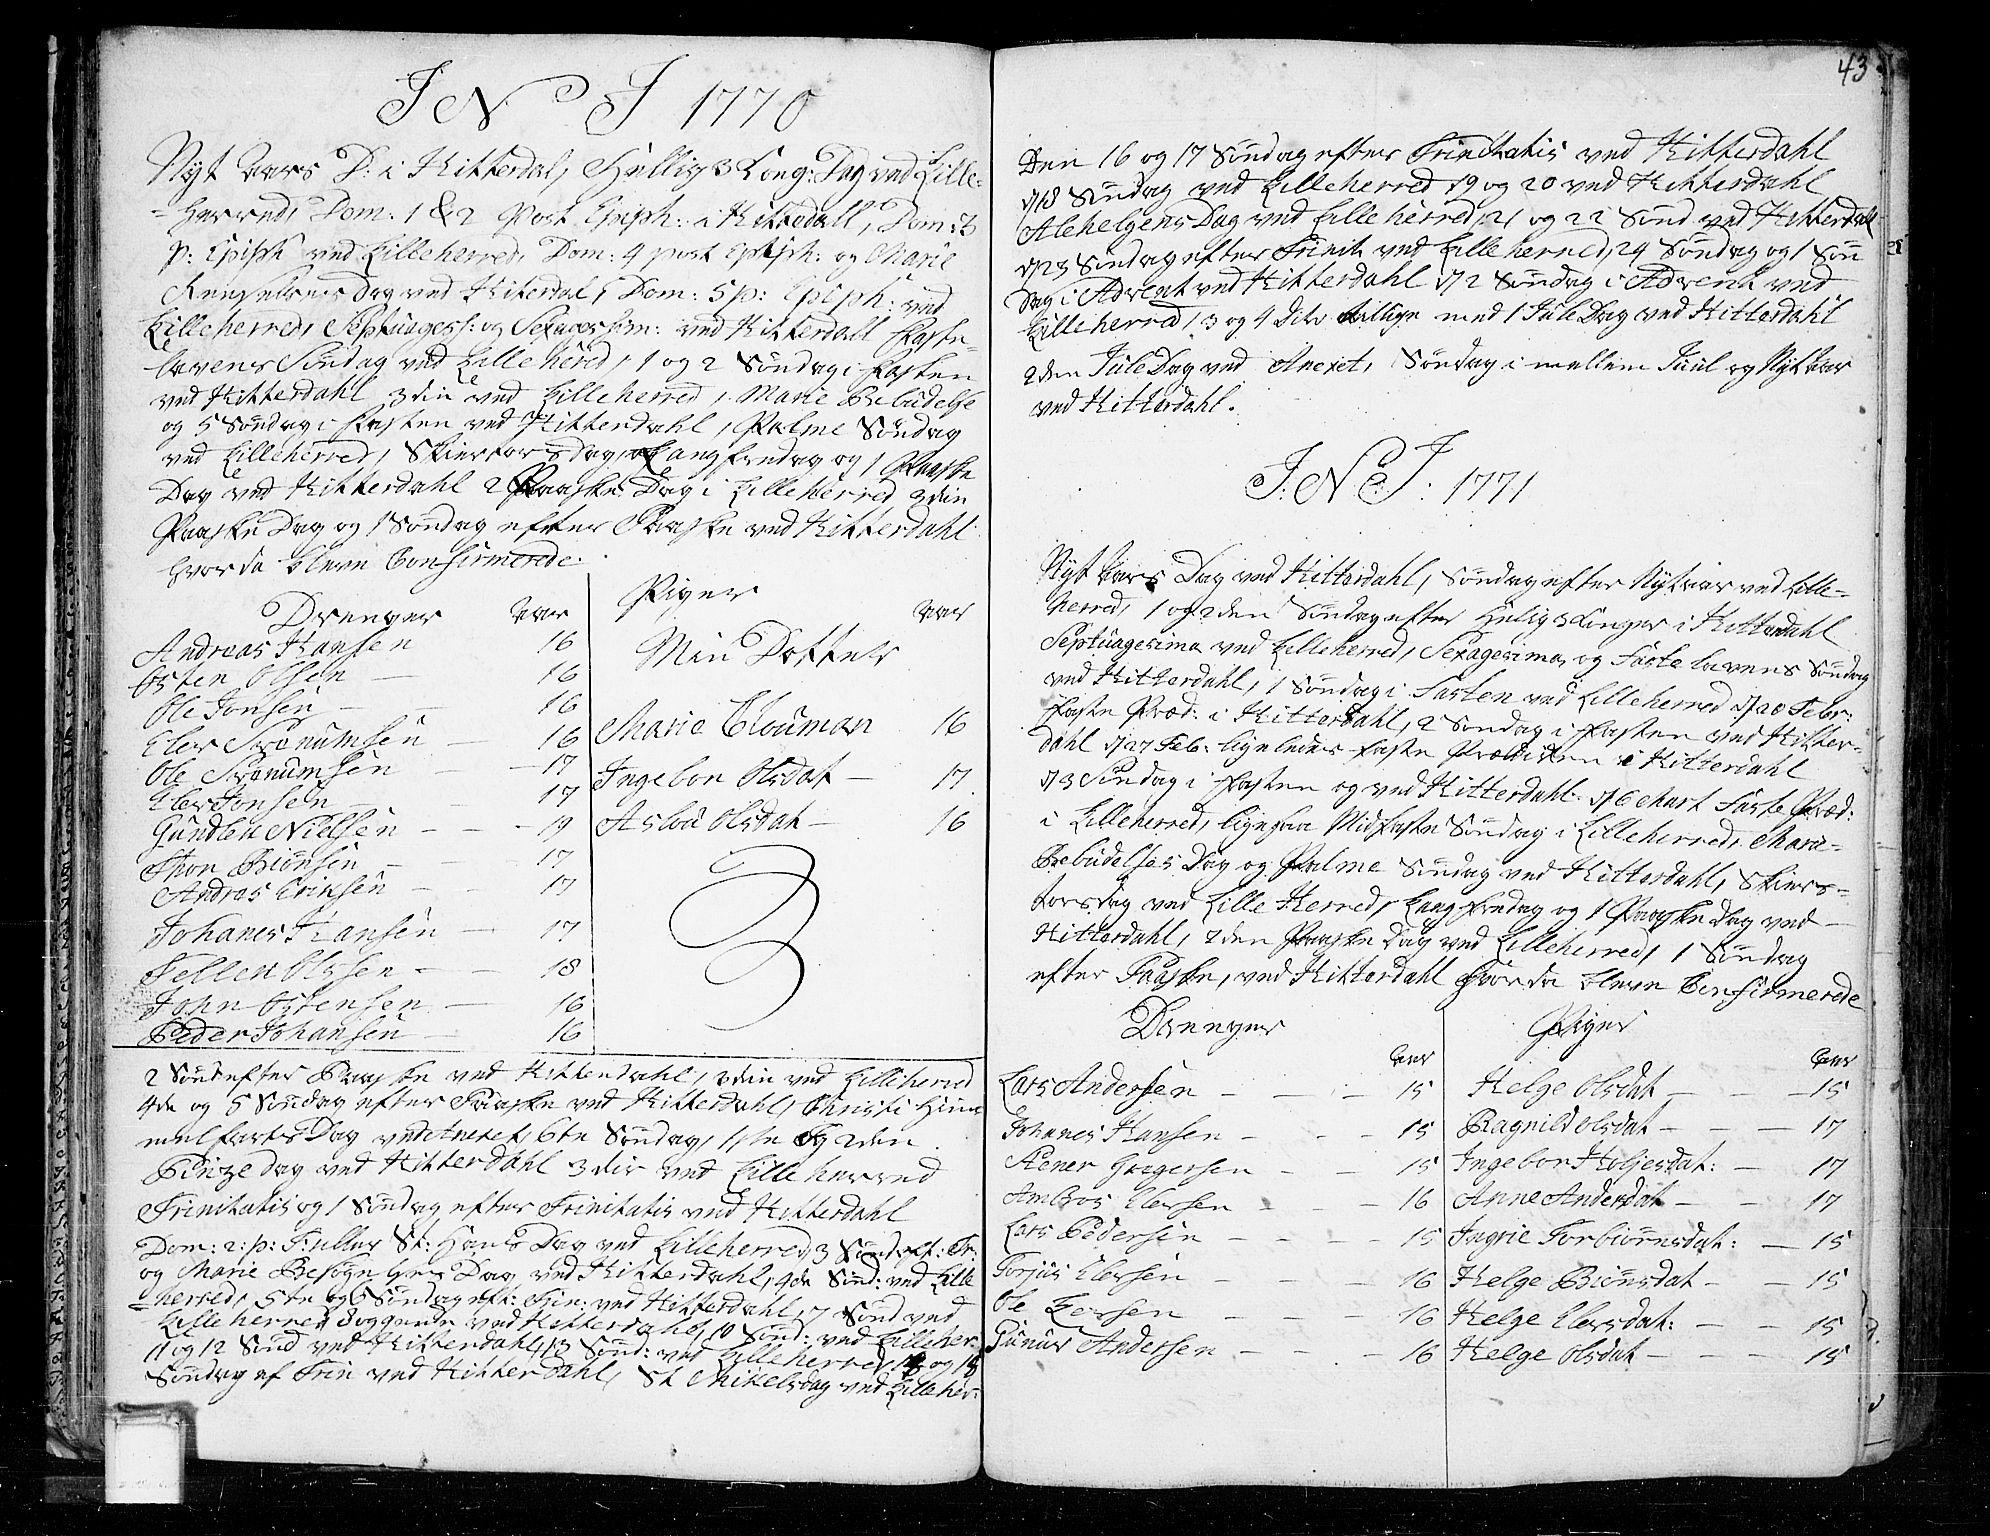 SAKO, Heddal kirkebøker, F/Fa/L0003: Ministerialbok nr. I 3, 1723-1783, s. 43